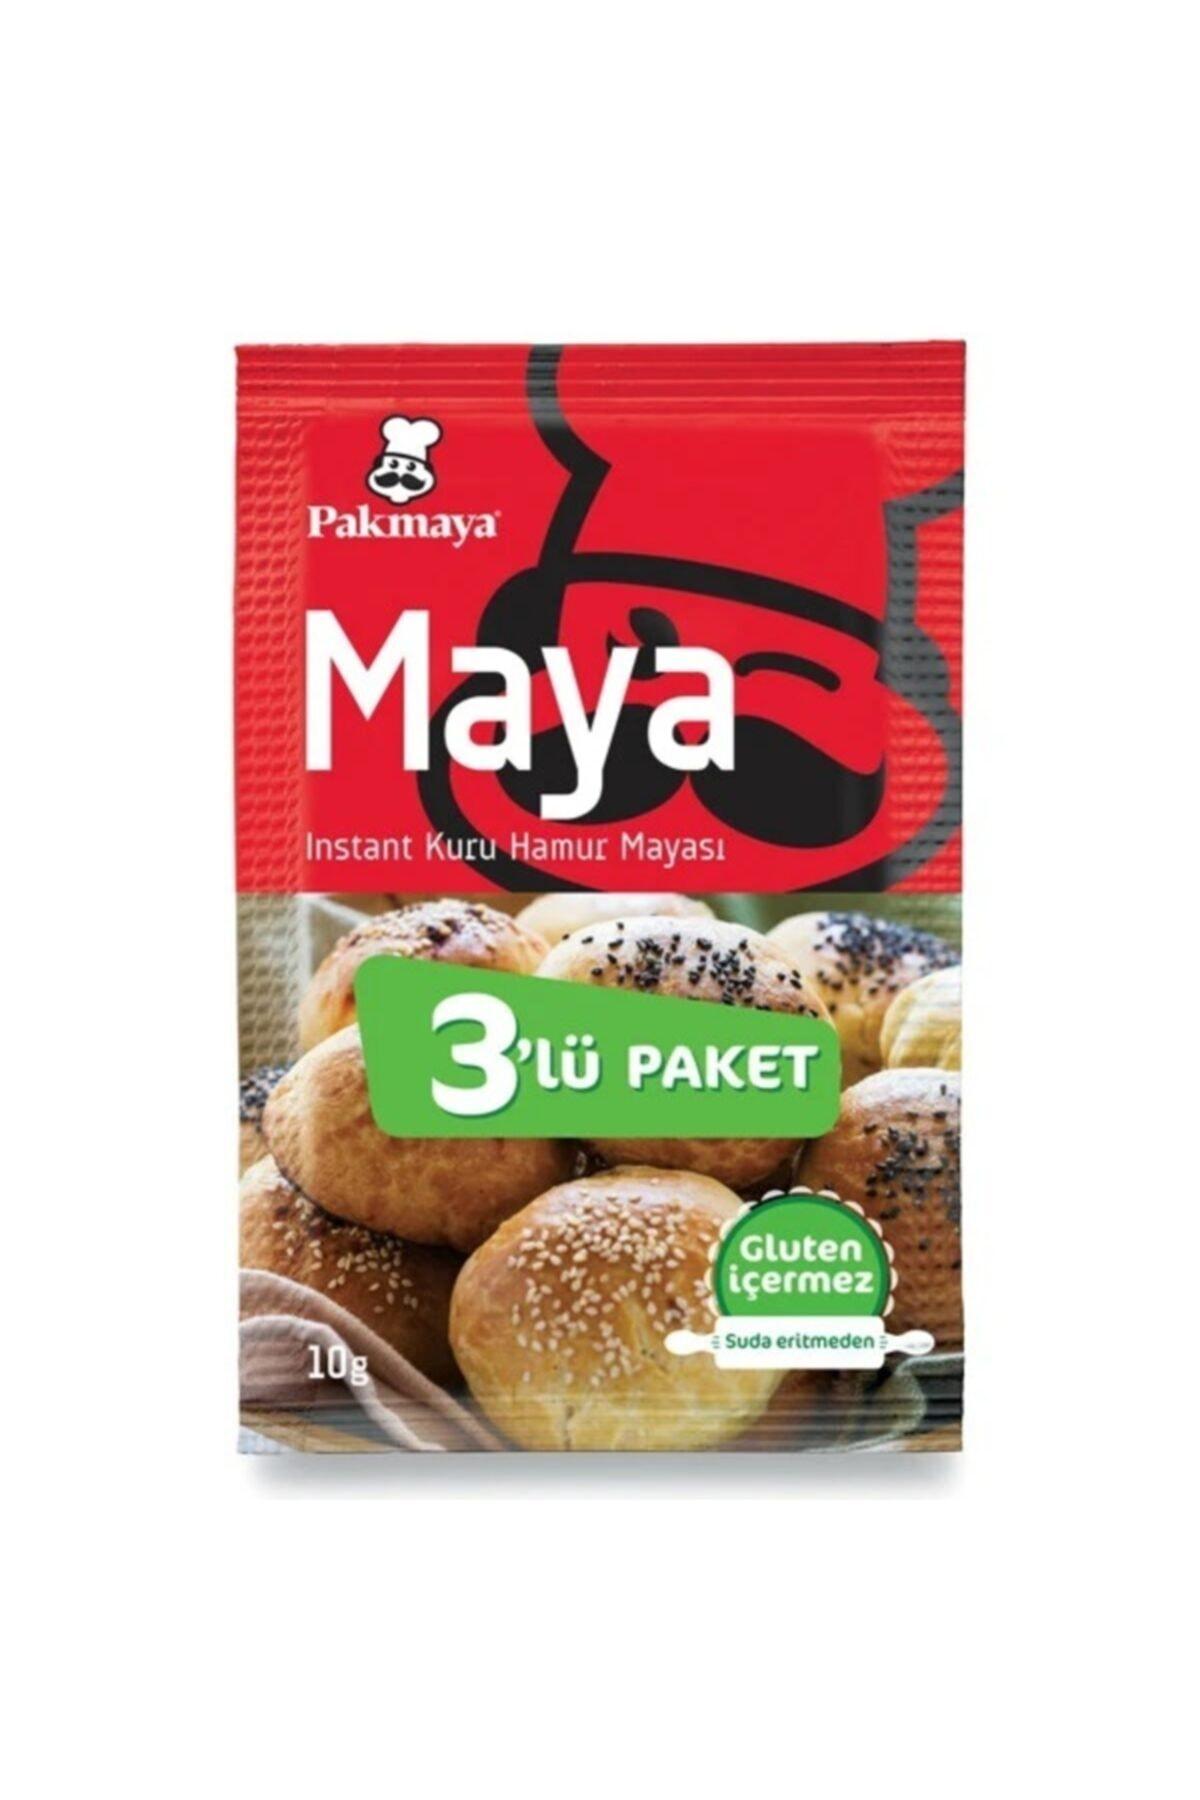 Pakmaya ,Instant Kuru Hamur Mayası, 3'lü Paket, (3x10gr), (Gluten Içermez) 1